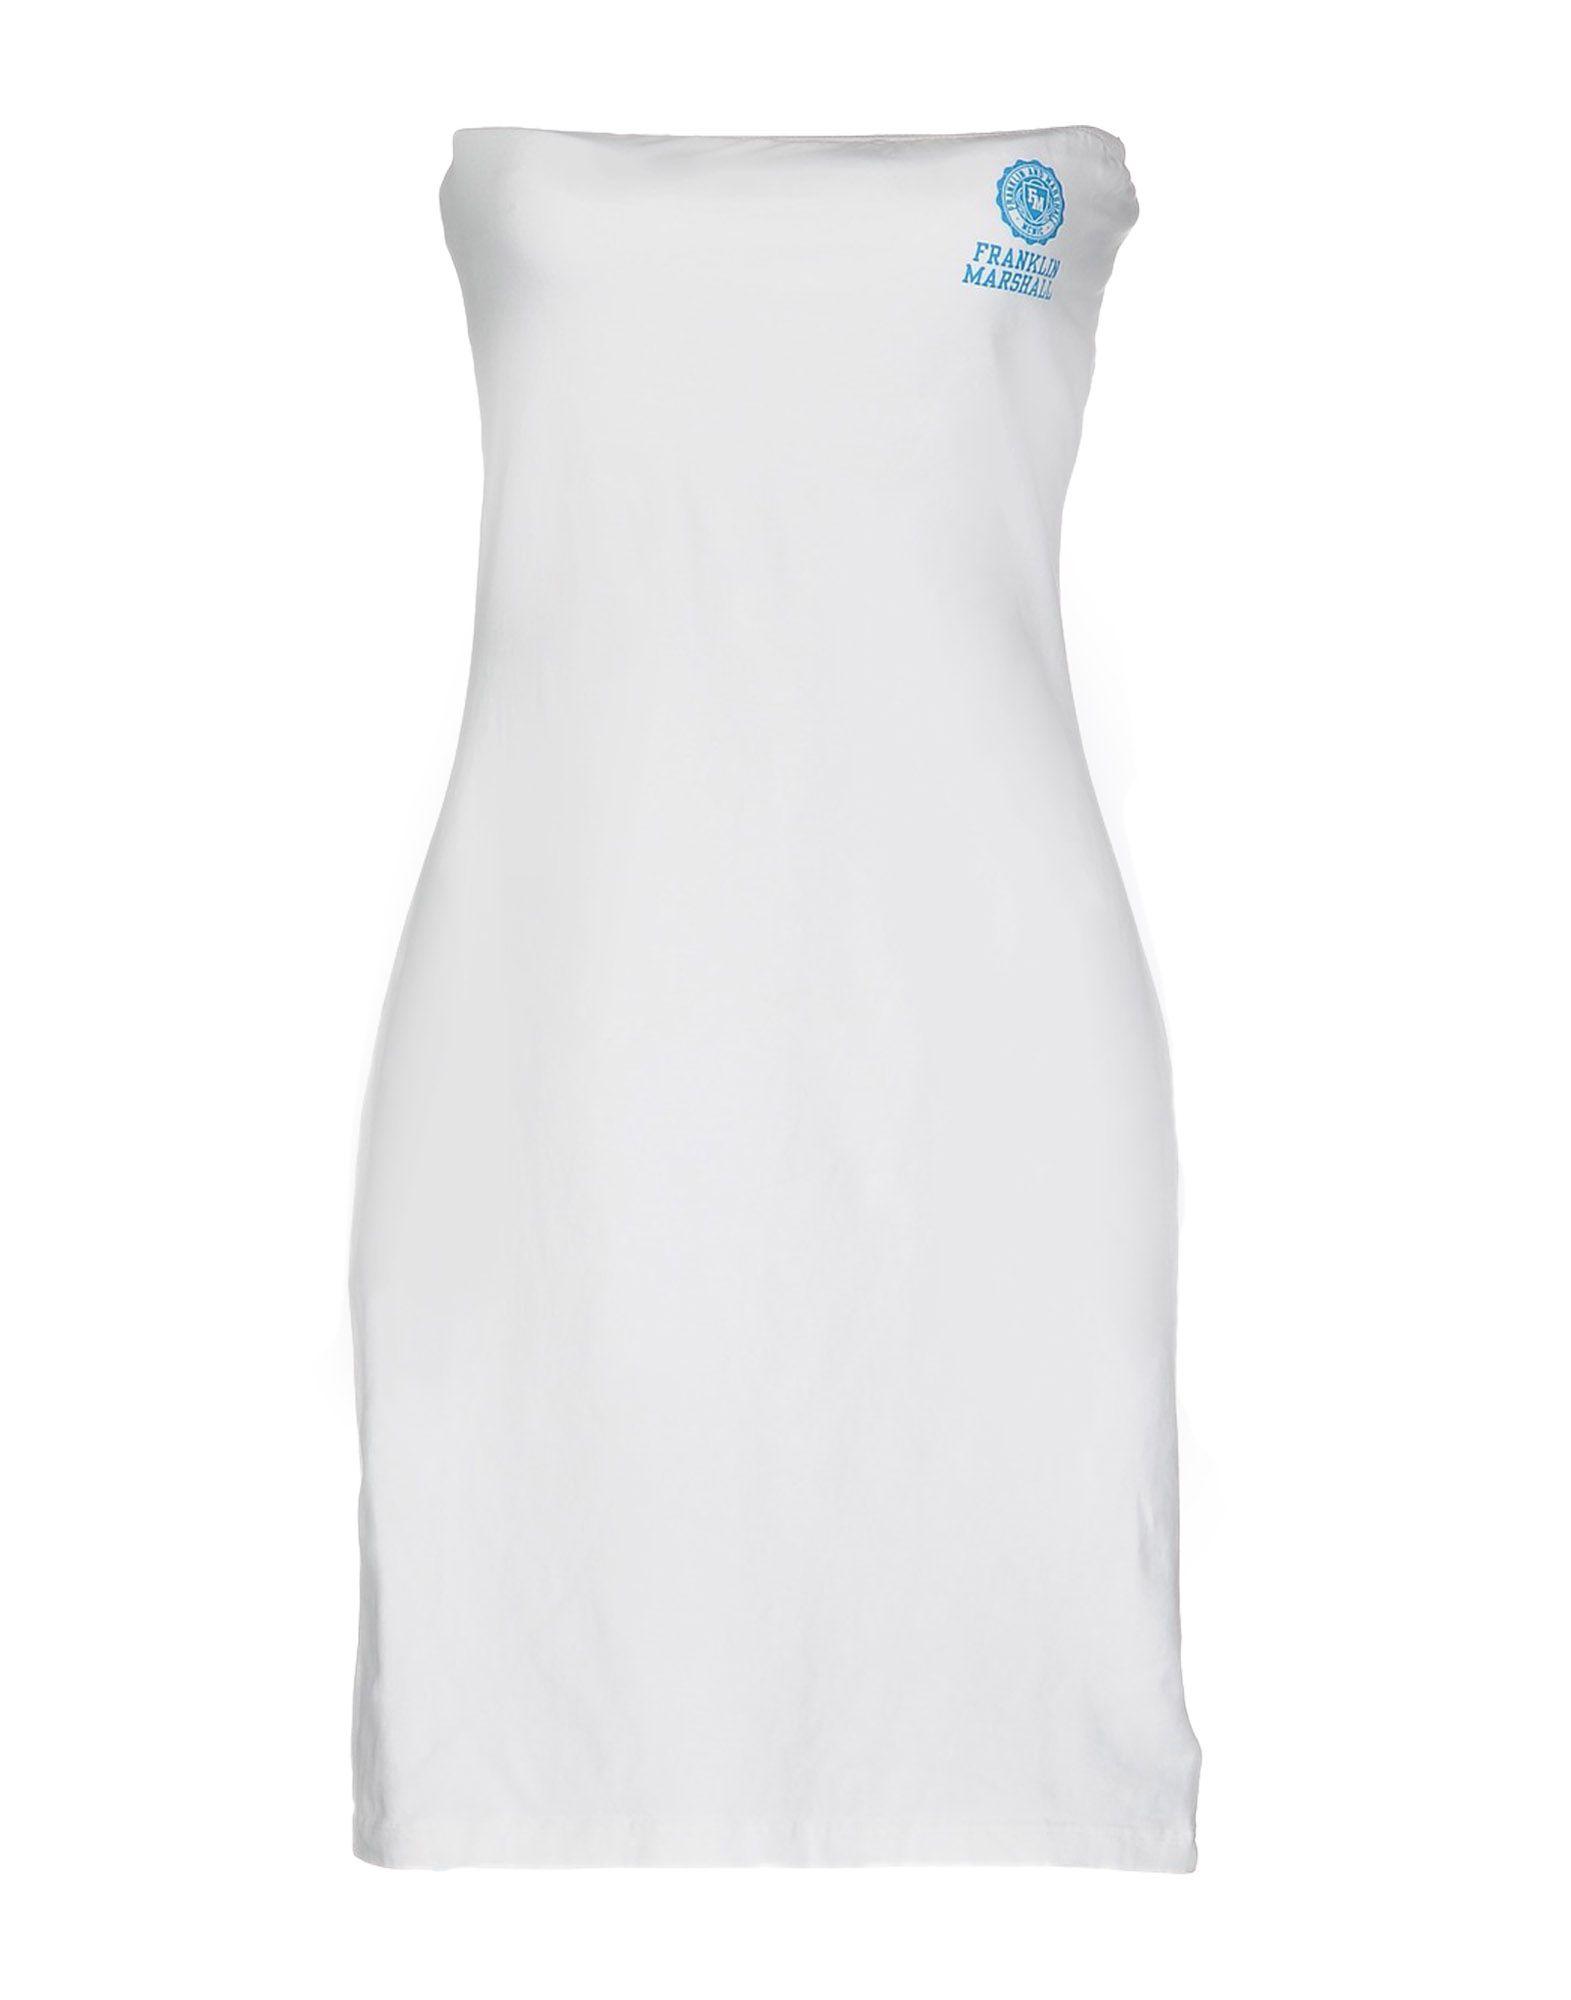 《セール開催中》FRANKLIN &MARSHALL レディース ミニワンピース&ドレス ホワイト M コットン 95% / ポリウレタン 5%